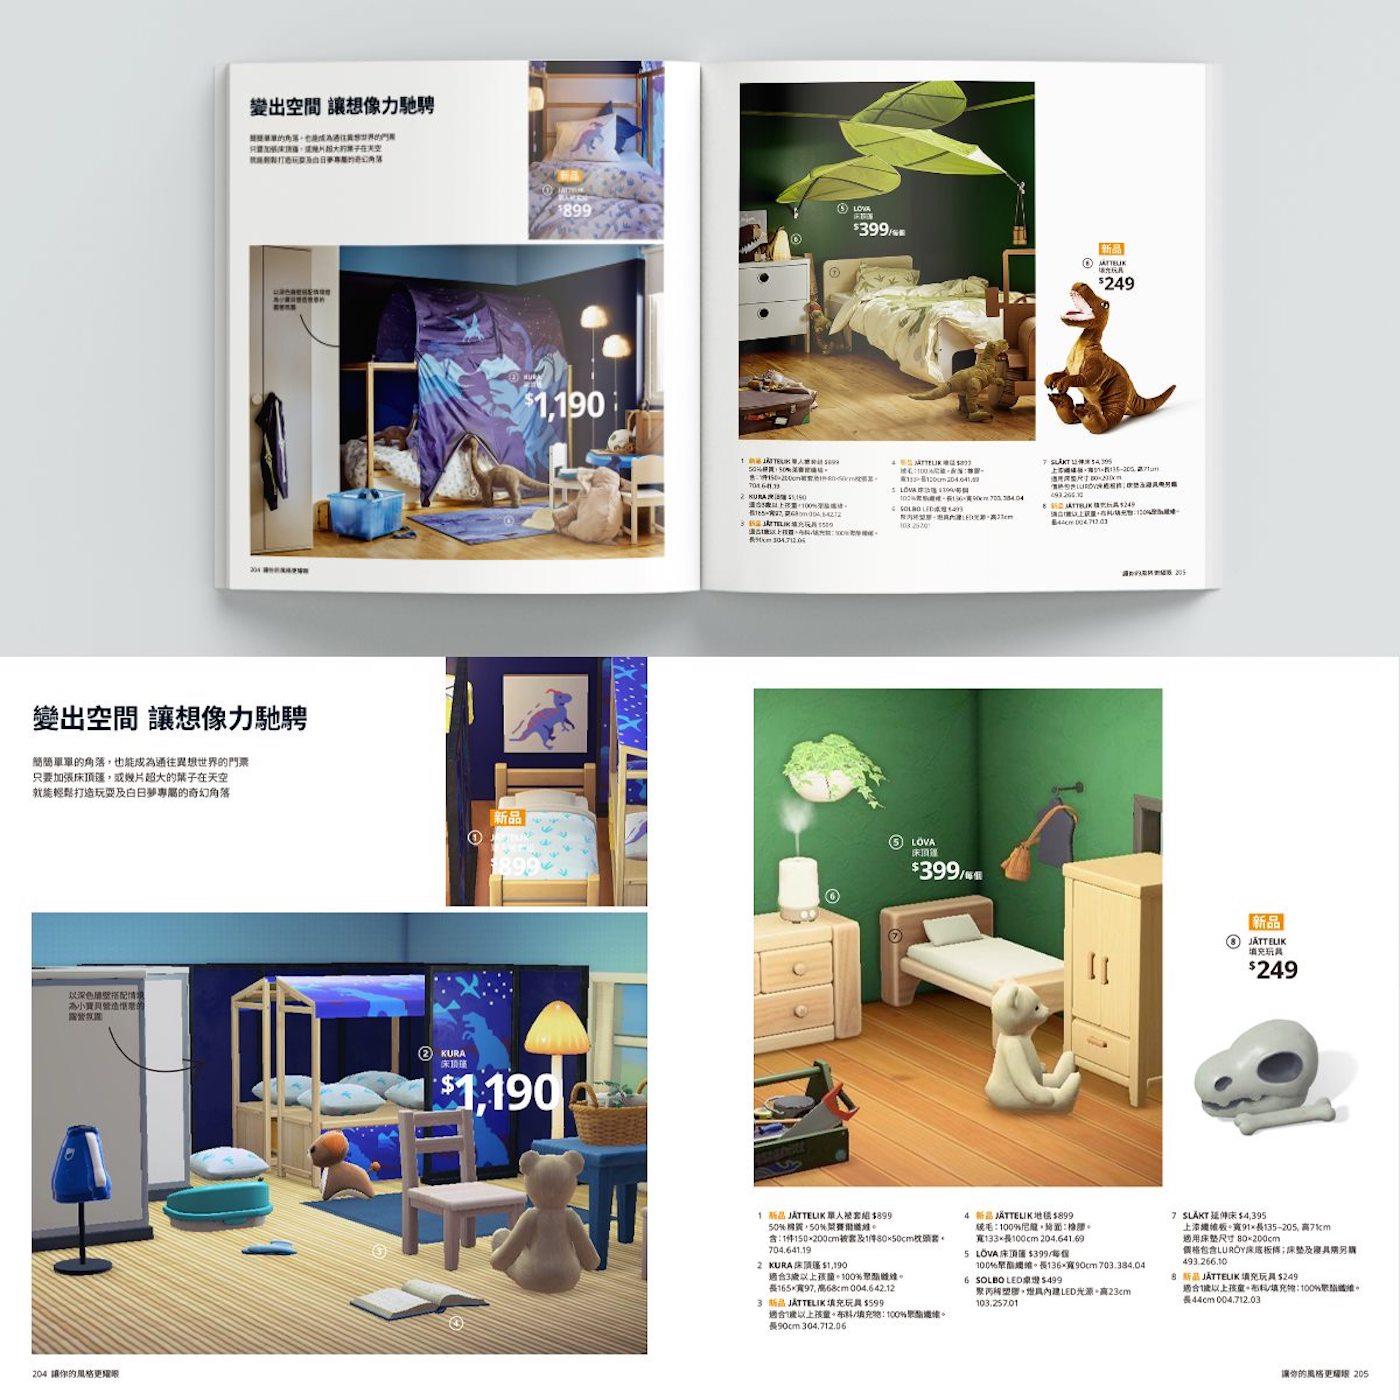 """IKEA a recréé l'intégralité de son catalogue façon """"Animal Crossing"""""""